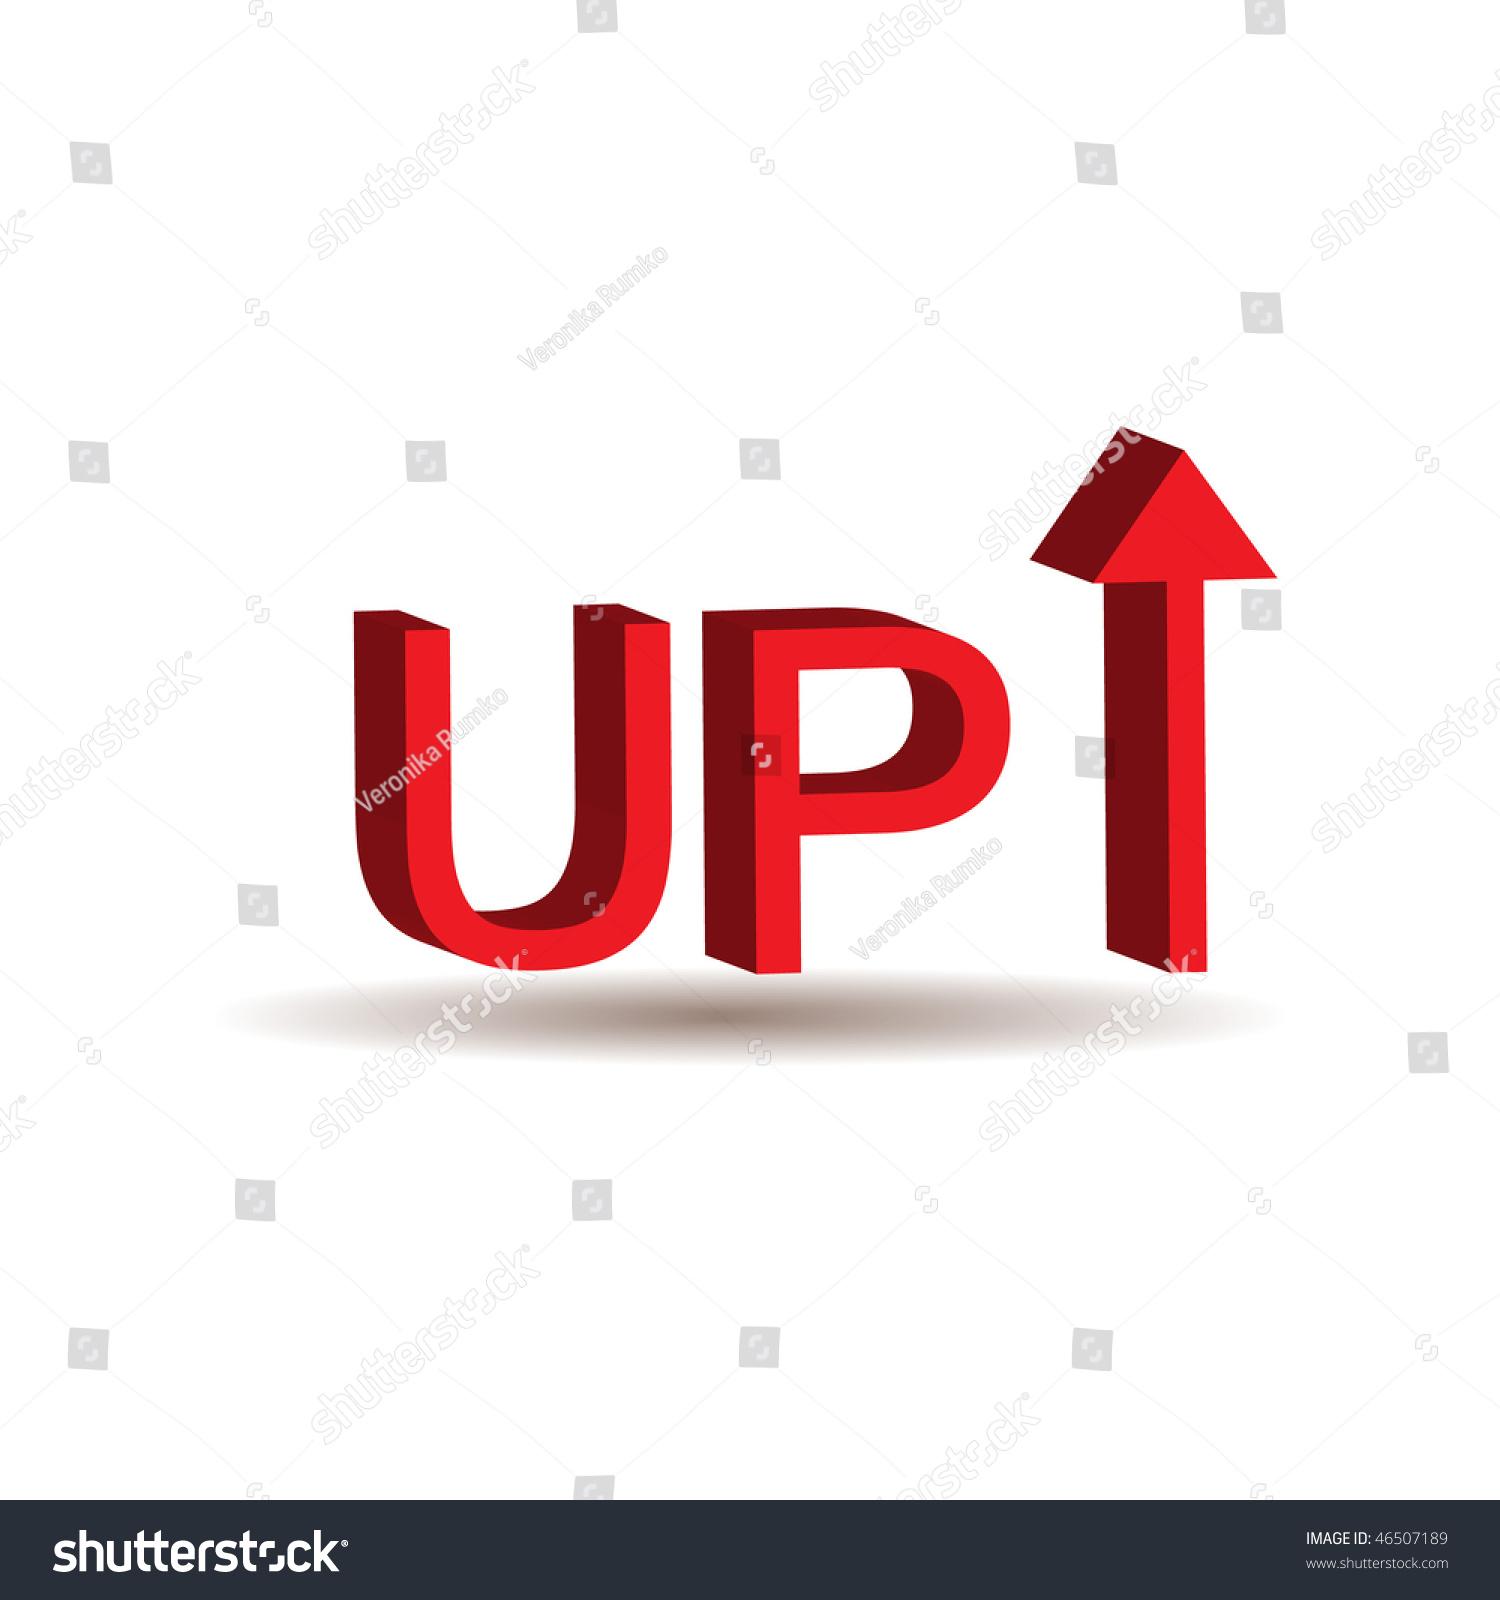 红色的3 d与箭头符号-插图/剪贴图,符号/标志-海洛()